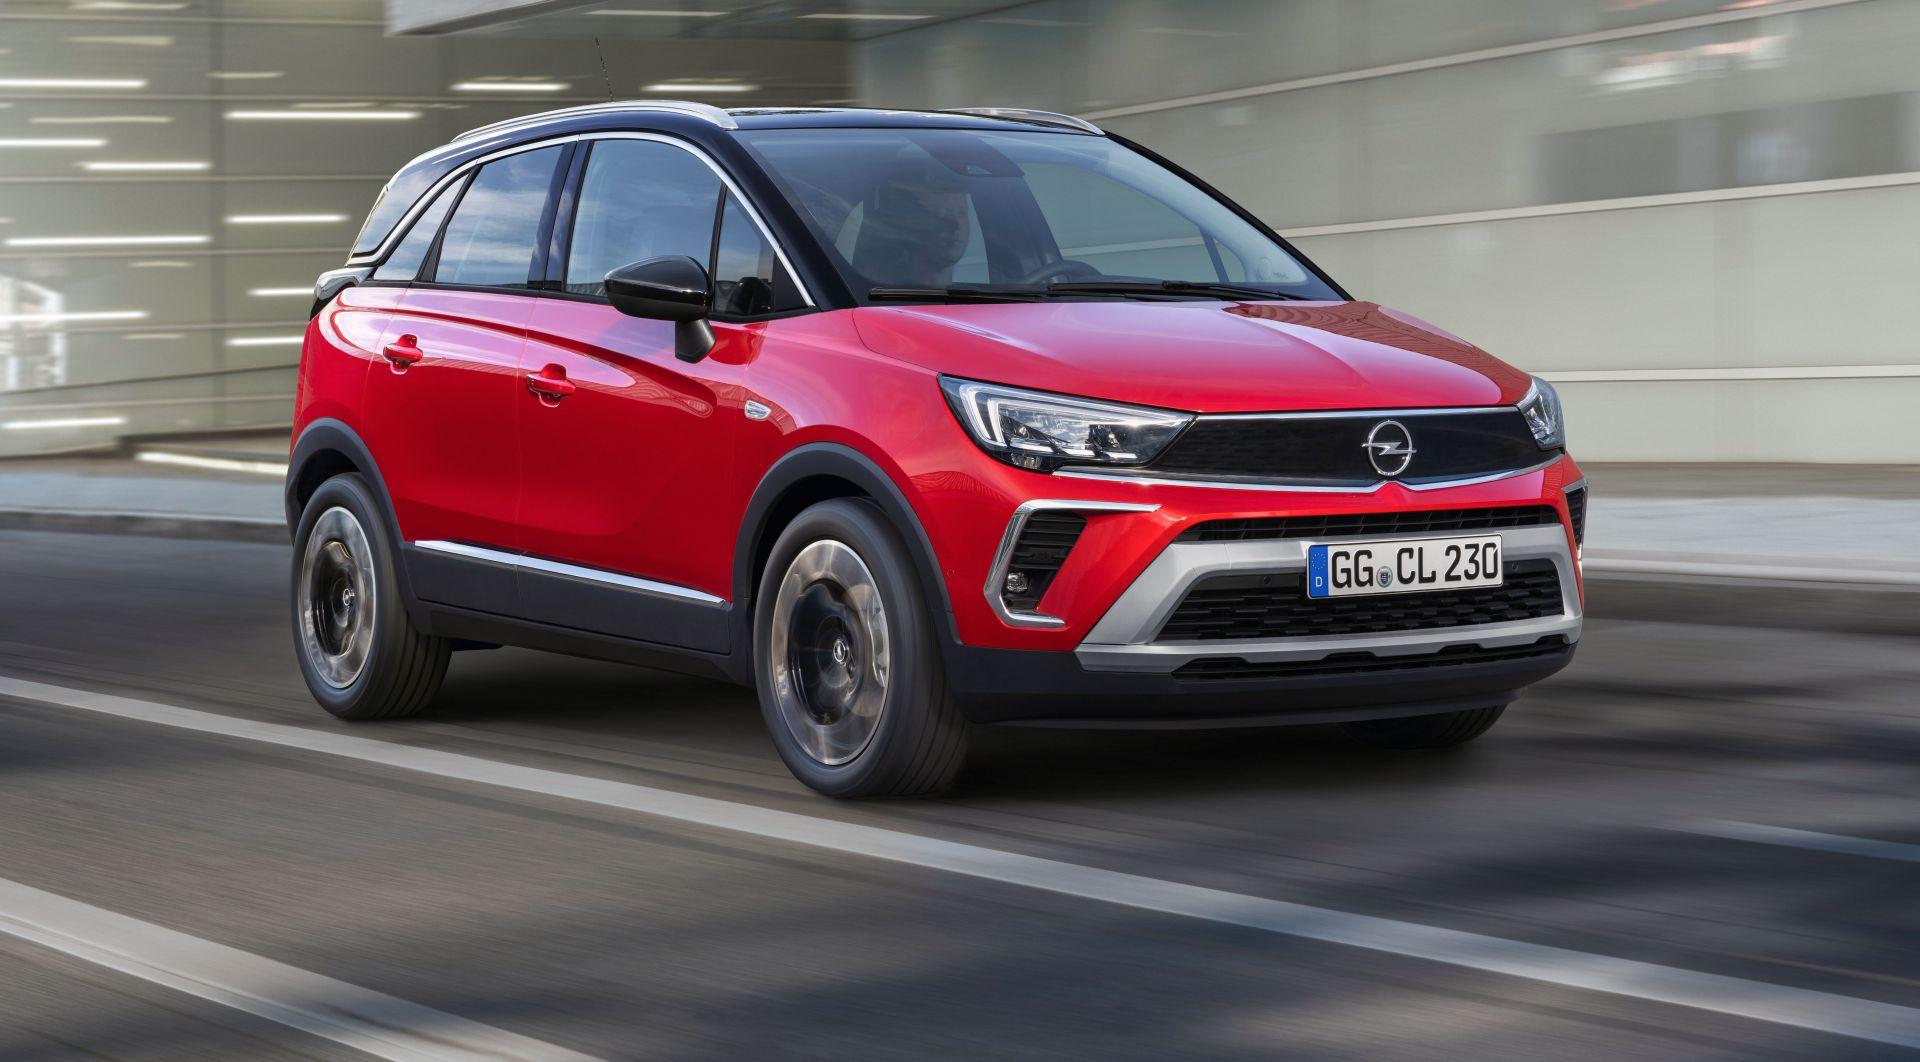 Redizajnirani Opel Crossland dobio novo lice i izgubio X iz naziva